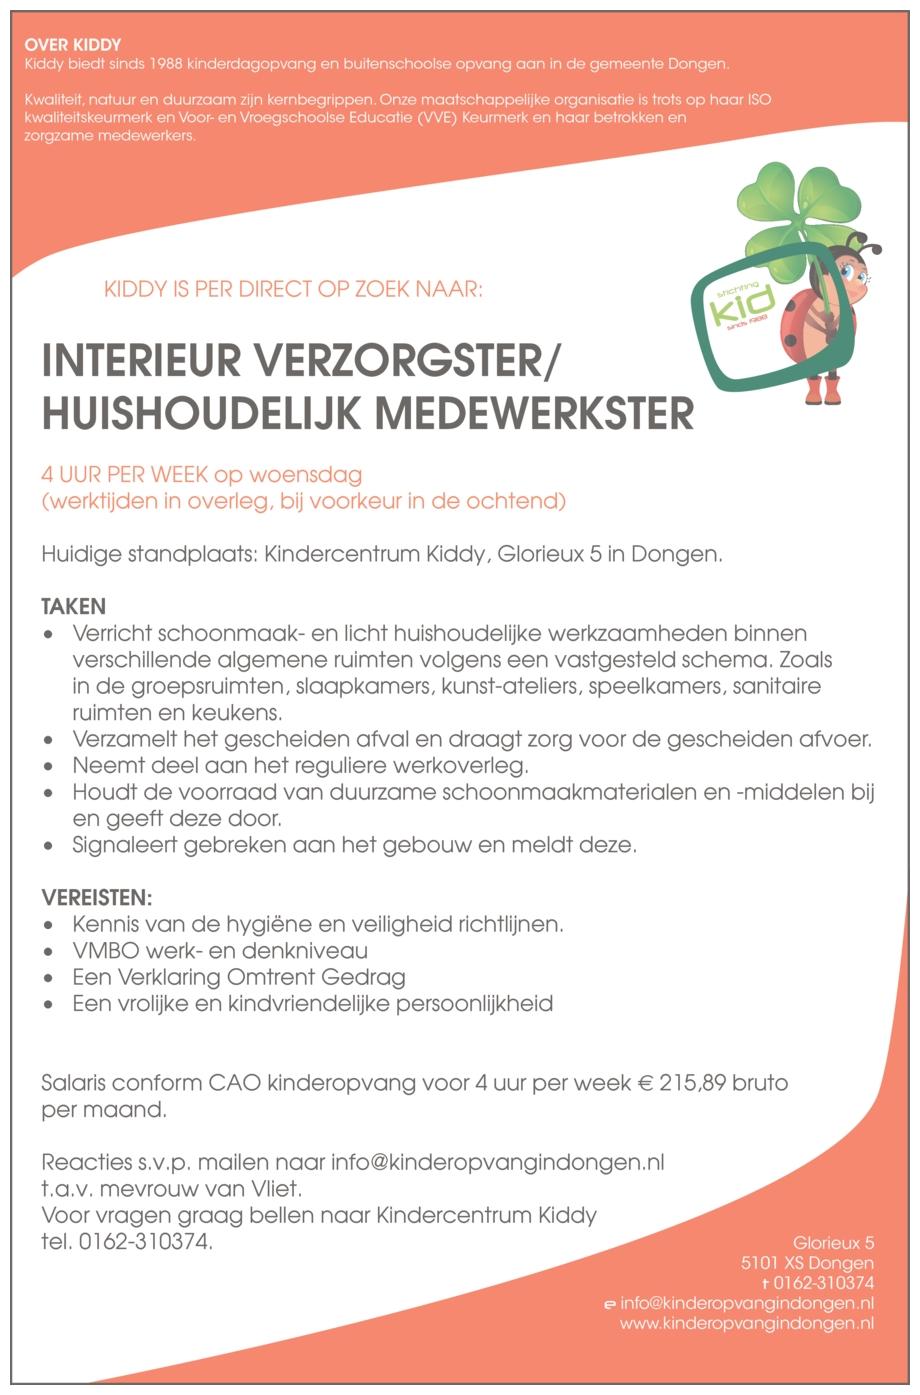 Interieur verzorgster/Huishoudelijk medewerkster   BrabantWerkt.nl